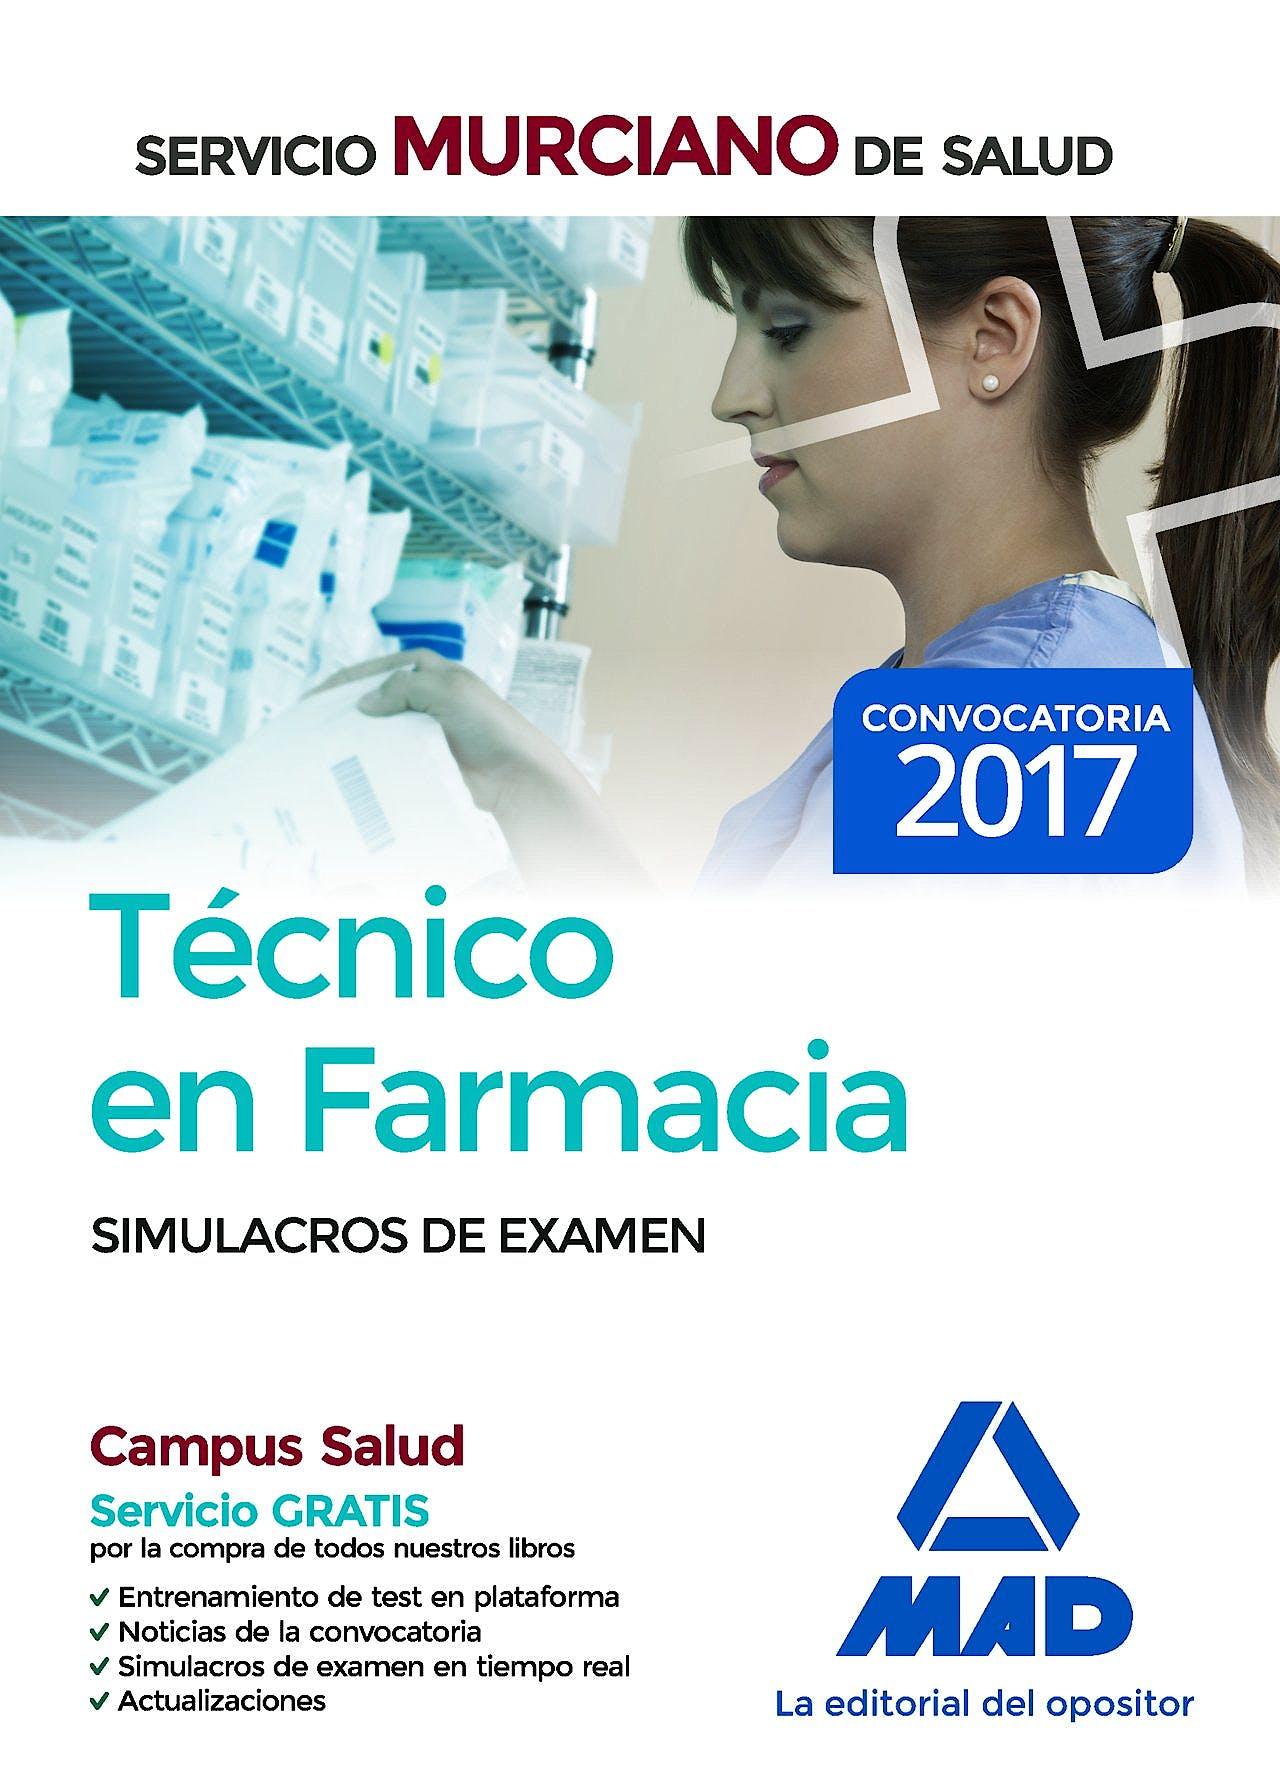 Portada del libro 9788414209776 Técnico en Farmacia Servicio Murciano de Salud. Simulacros de Examen